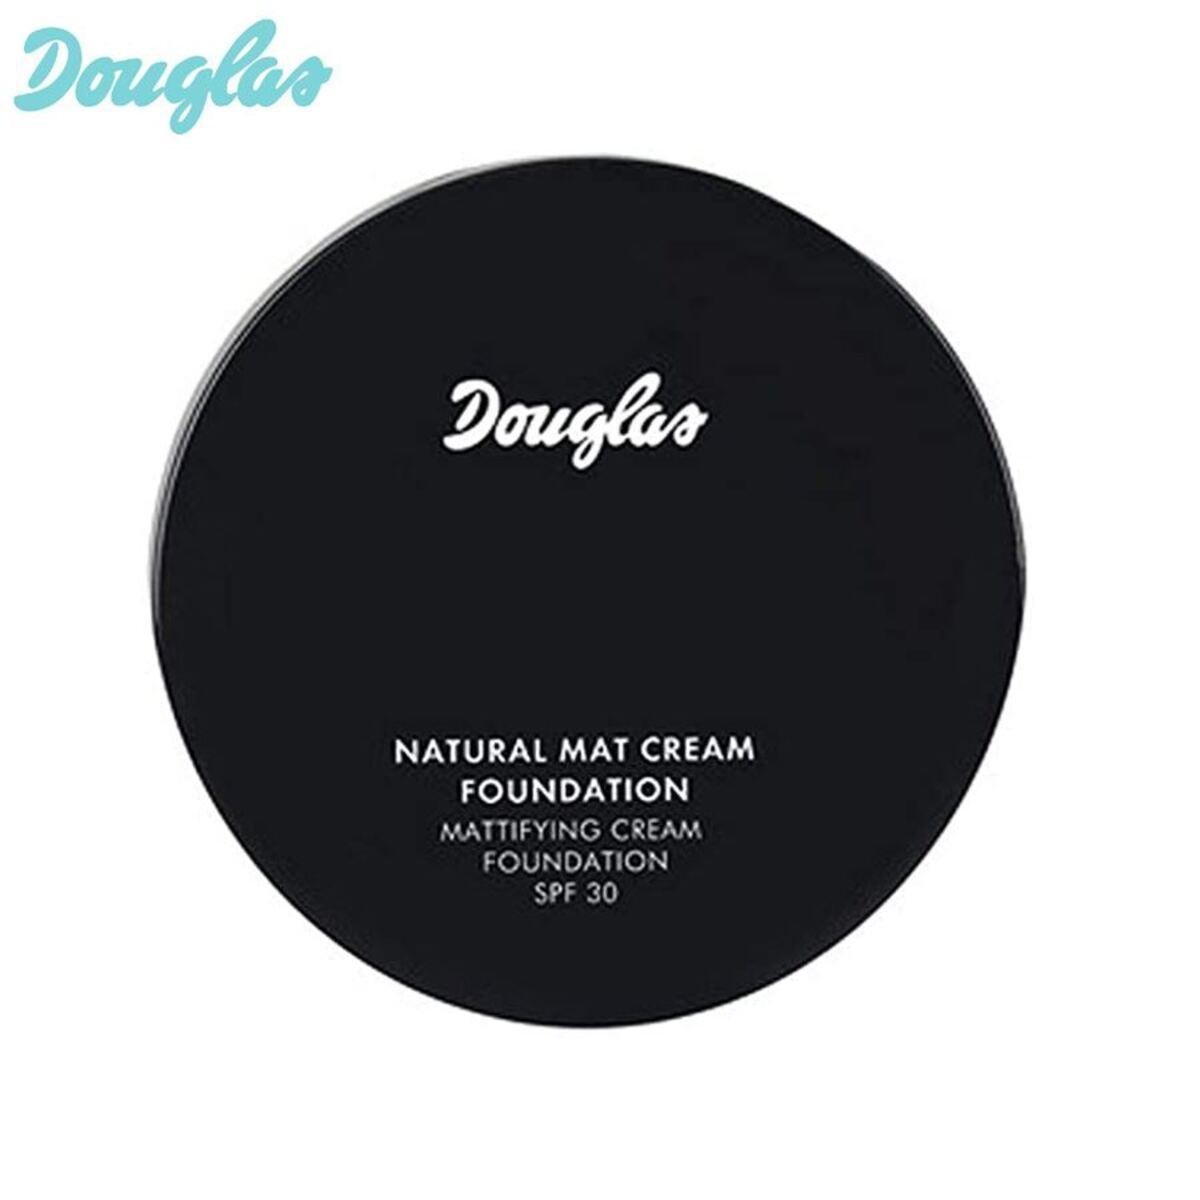 Bild 2 von Douglas Natural Mat Cream Foundation Nr. 3 Nude Desire 11g